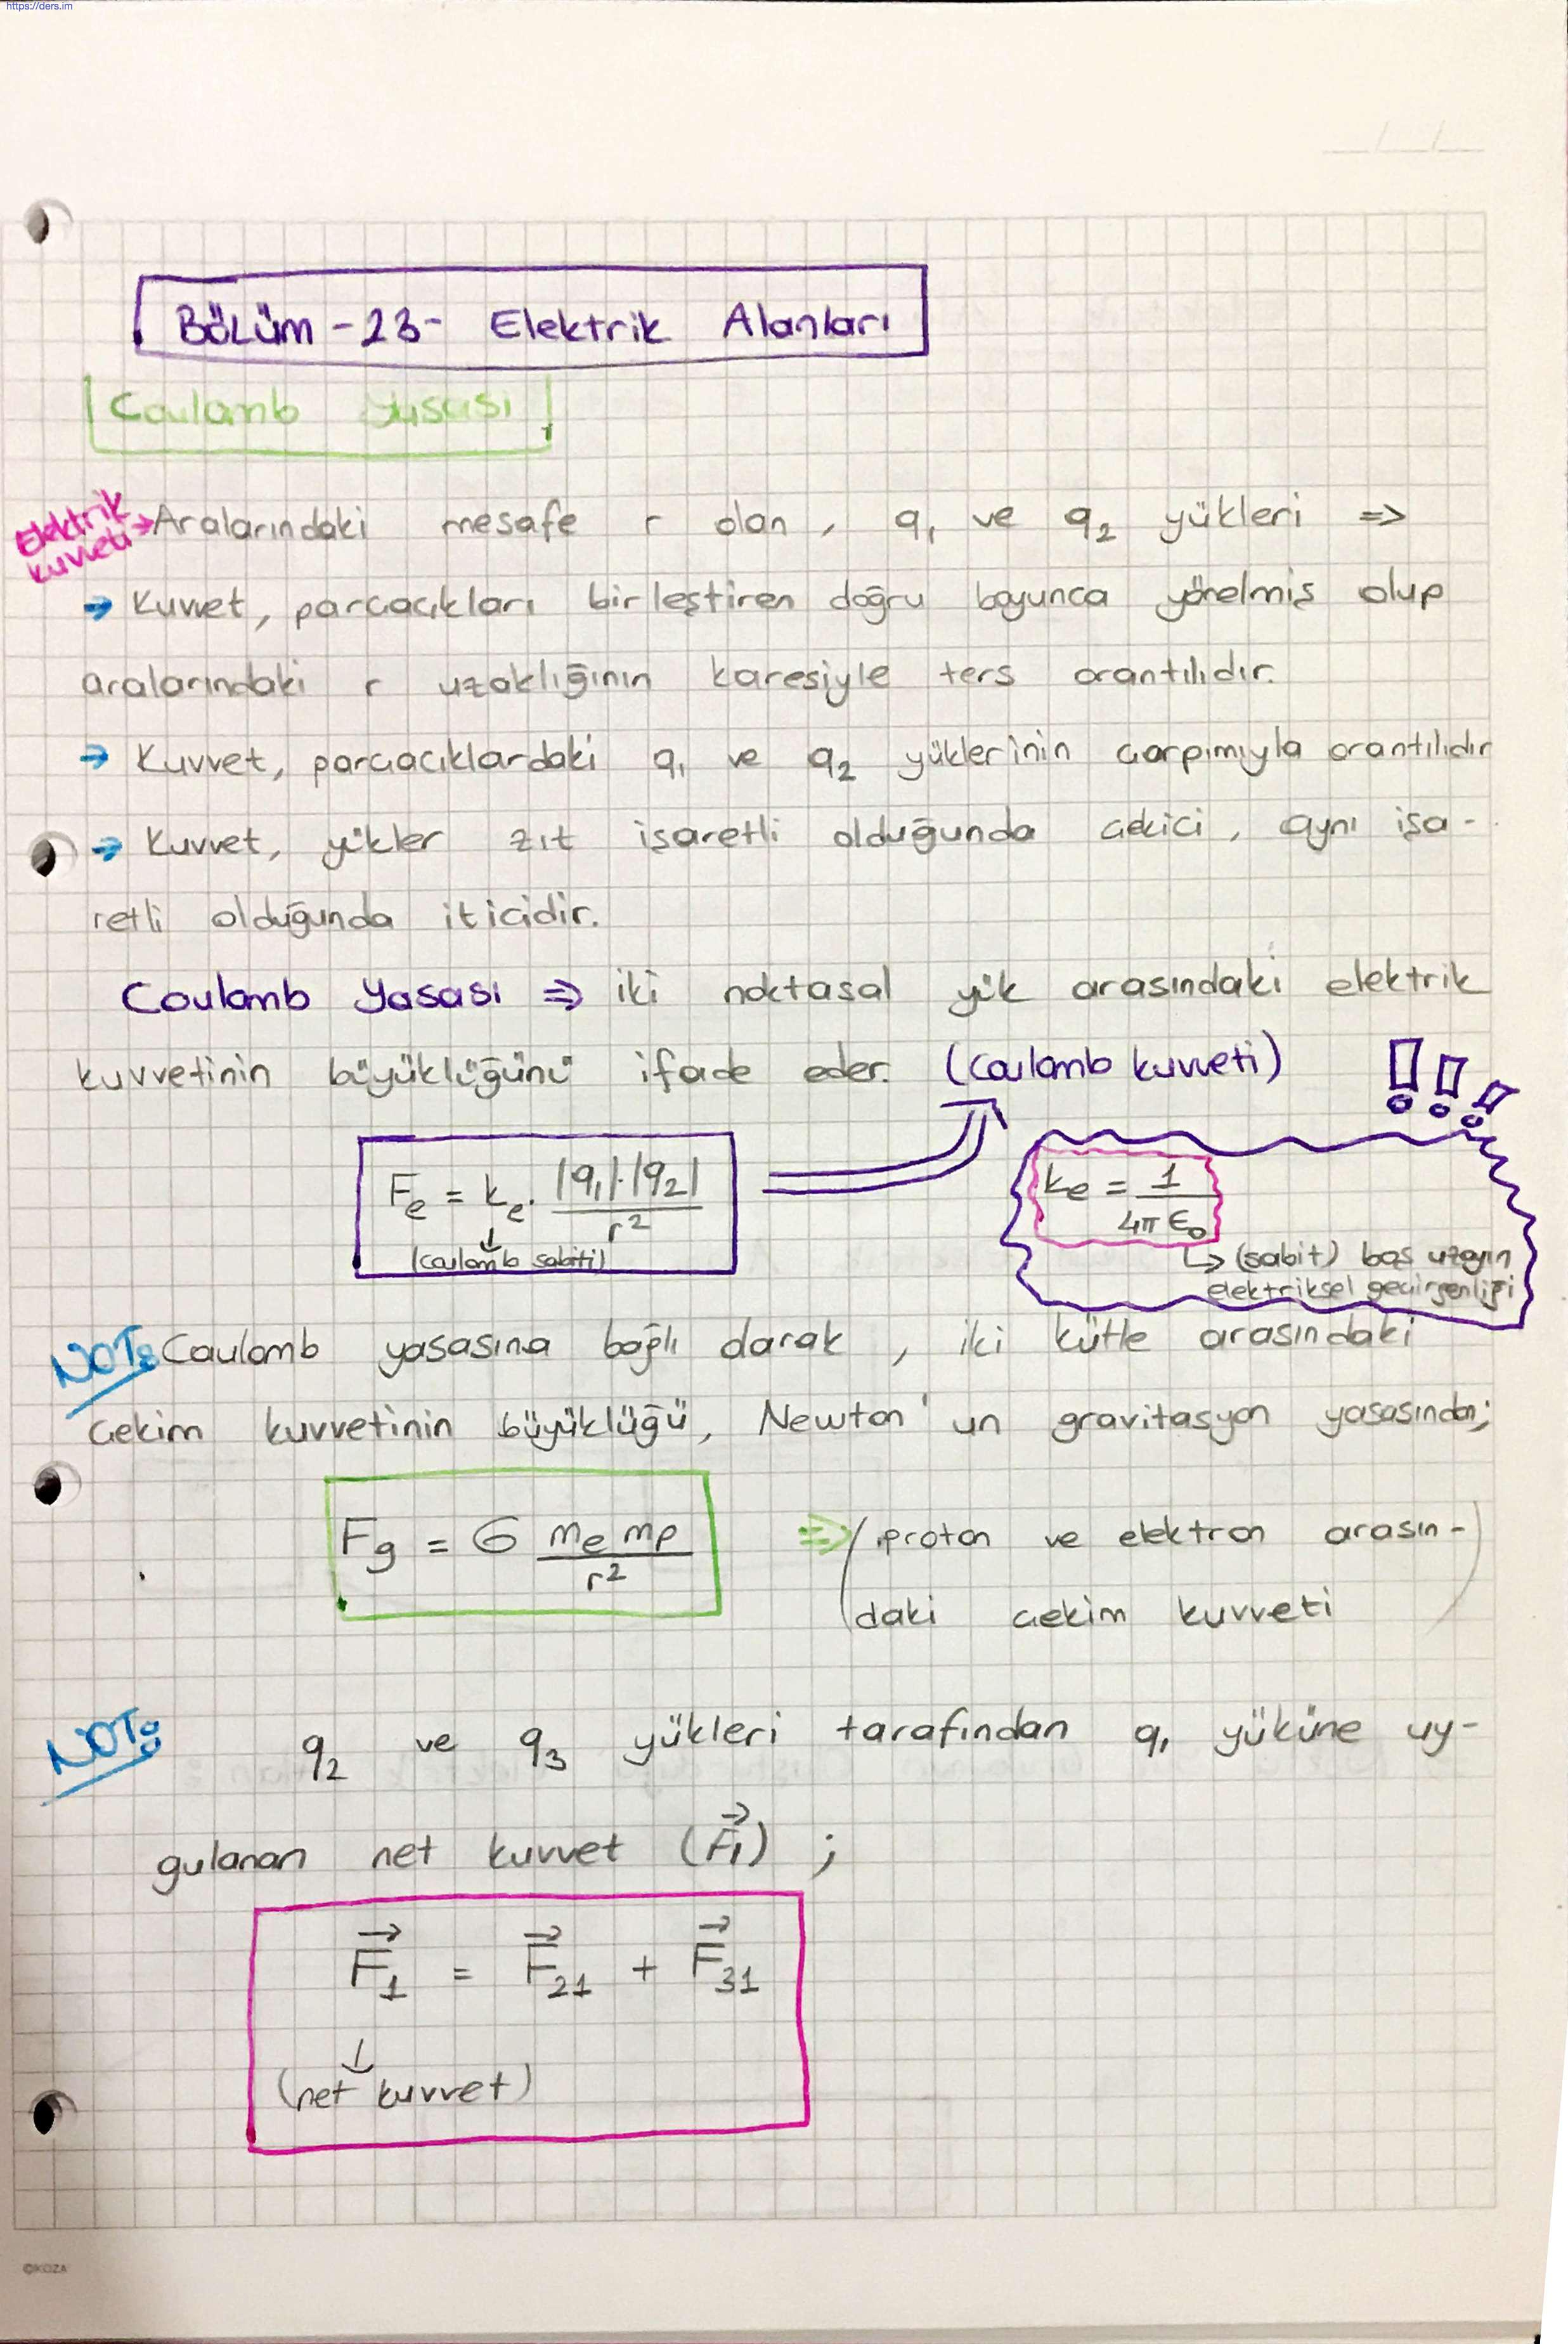 23, 24, 25 - Elektrik Alanlar, Coulomb Yasası, Gauss Yasası, Elektrik Akısı, Elektrik Potansiyel konu anlatımlarını içermektedir.